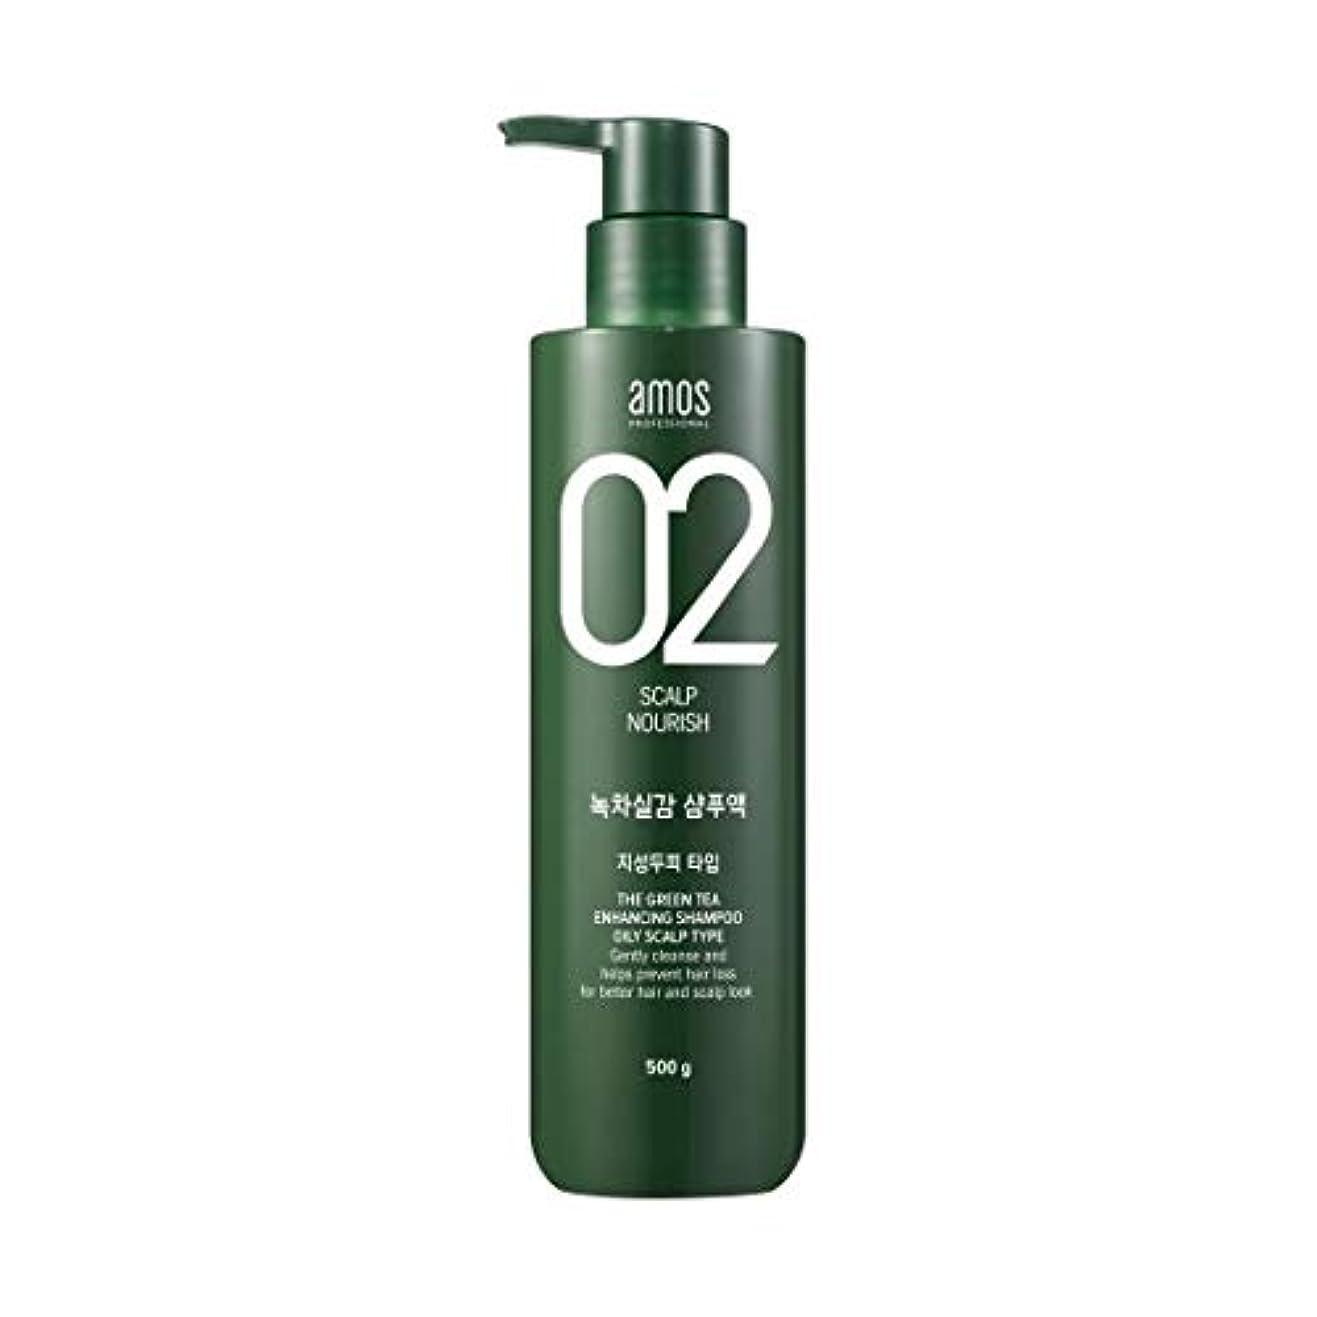 義務的義務的手段Amos Green Tea Enhancing Shampoo -Oily 500g / アモス ザ グリーンティー エンハンシング シャンプー # 脂性 オイリー スカルプタイプ [並行輸入品]